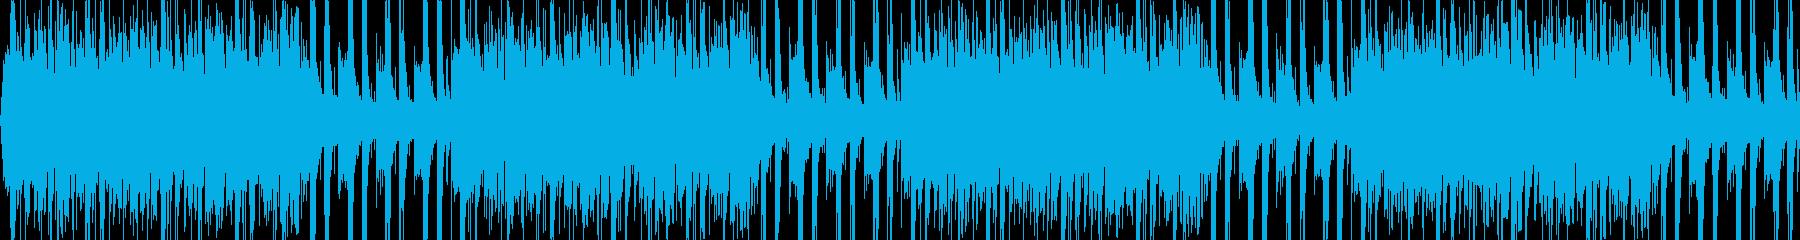 決戦 ゲーム アップテンポ 突撃 ループの再生済みの波形